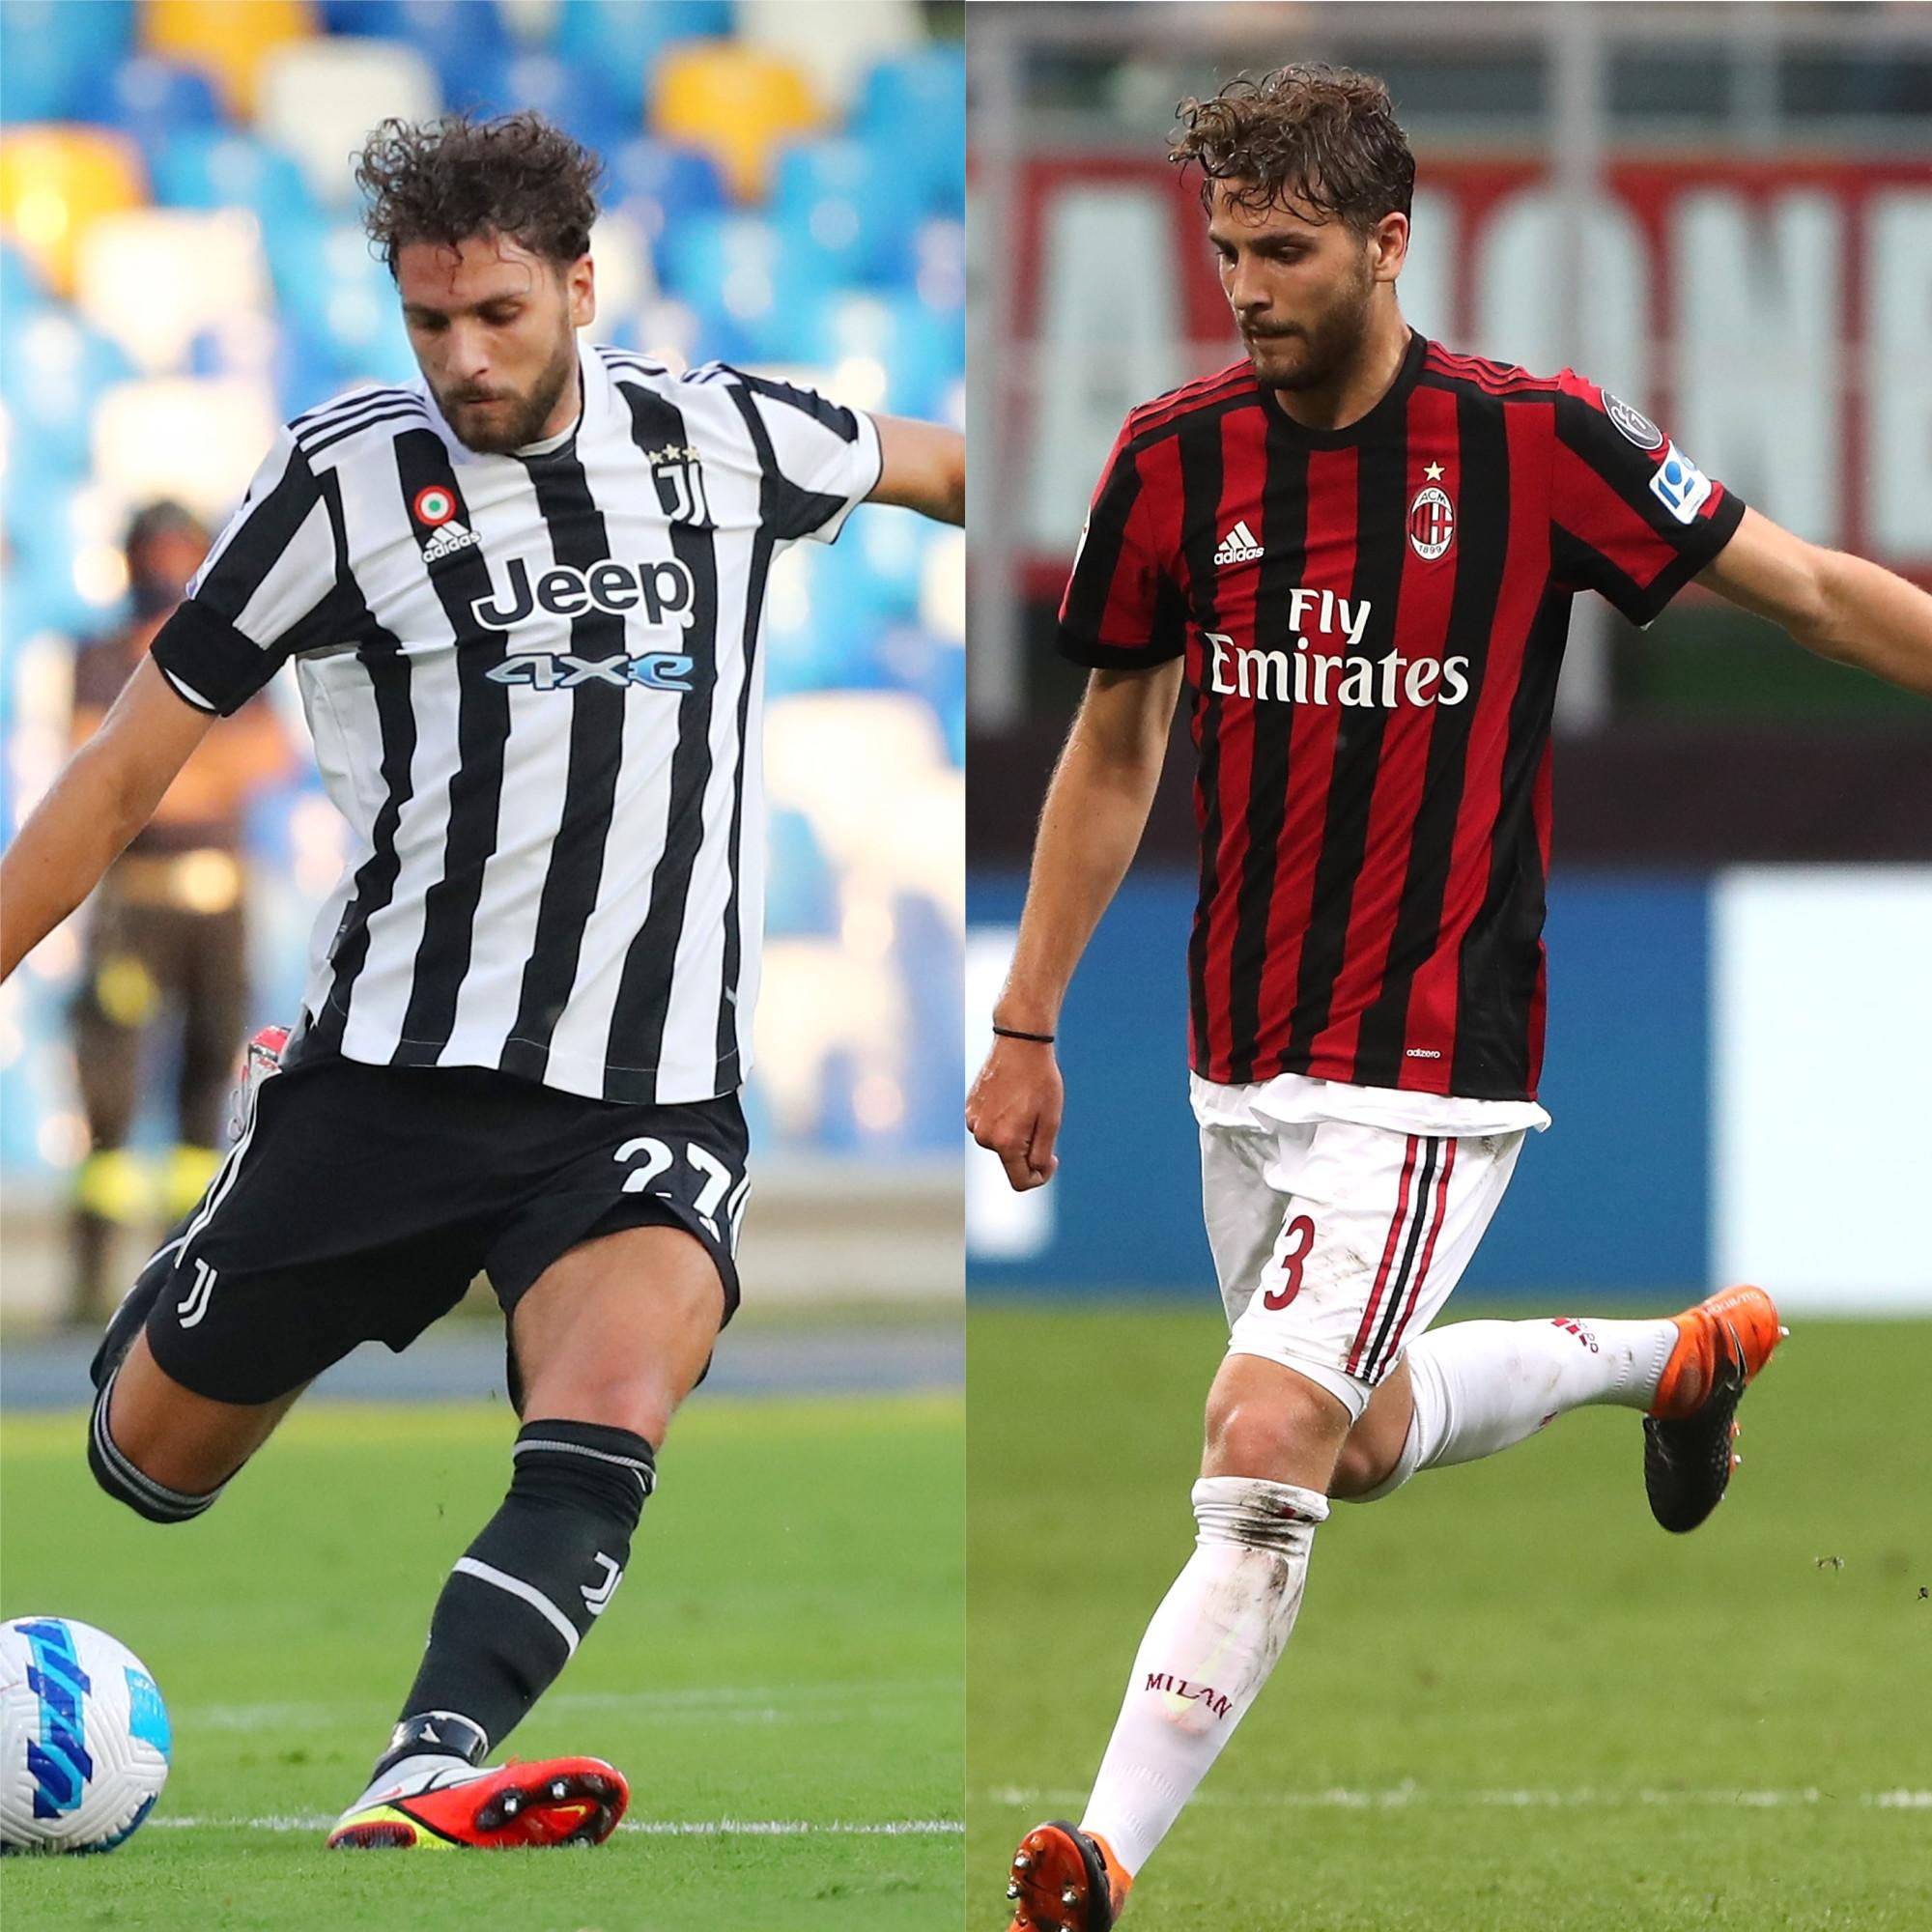 Manuel Locatelli: Milan 2016-18, Juventus 2021-